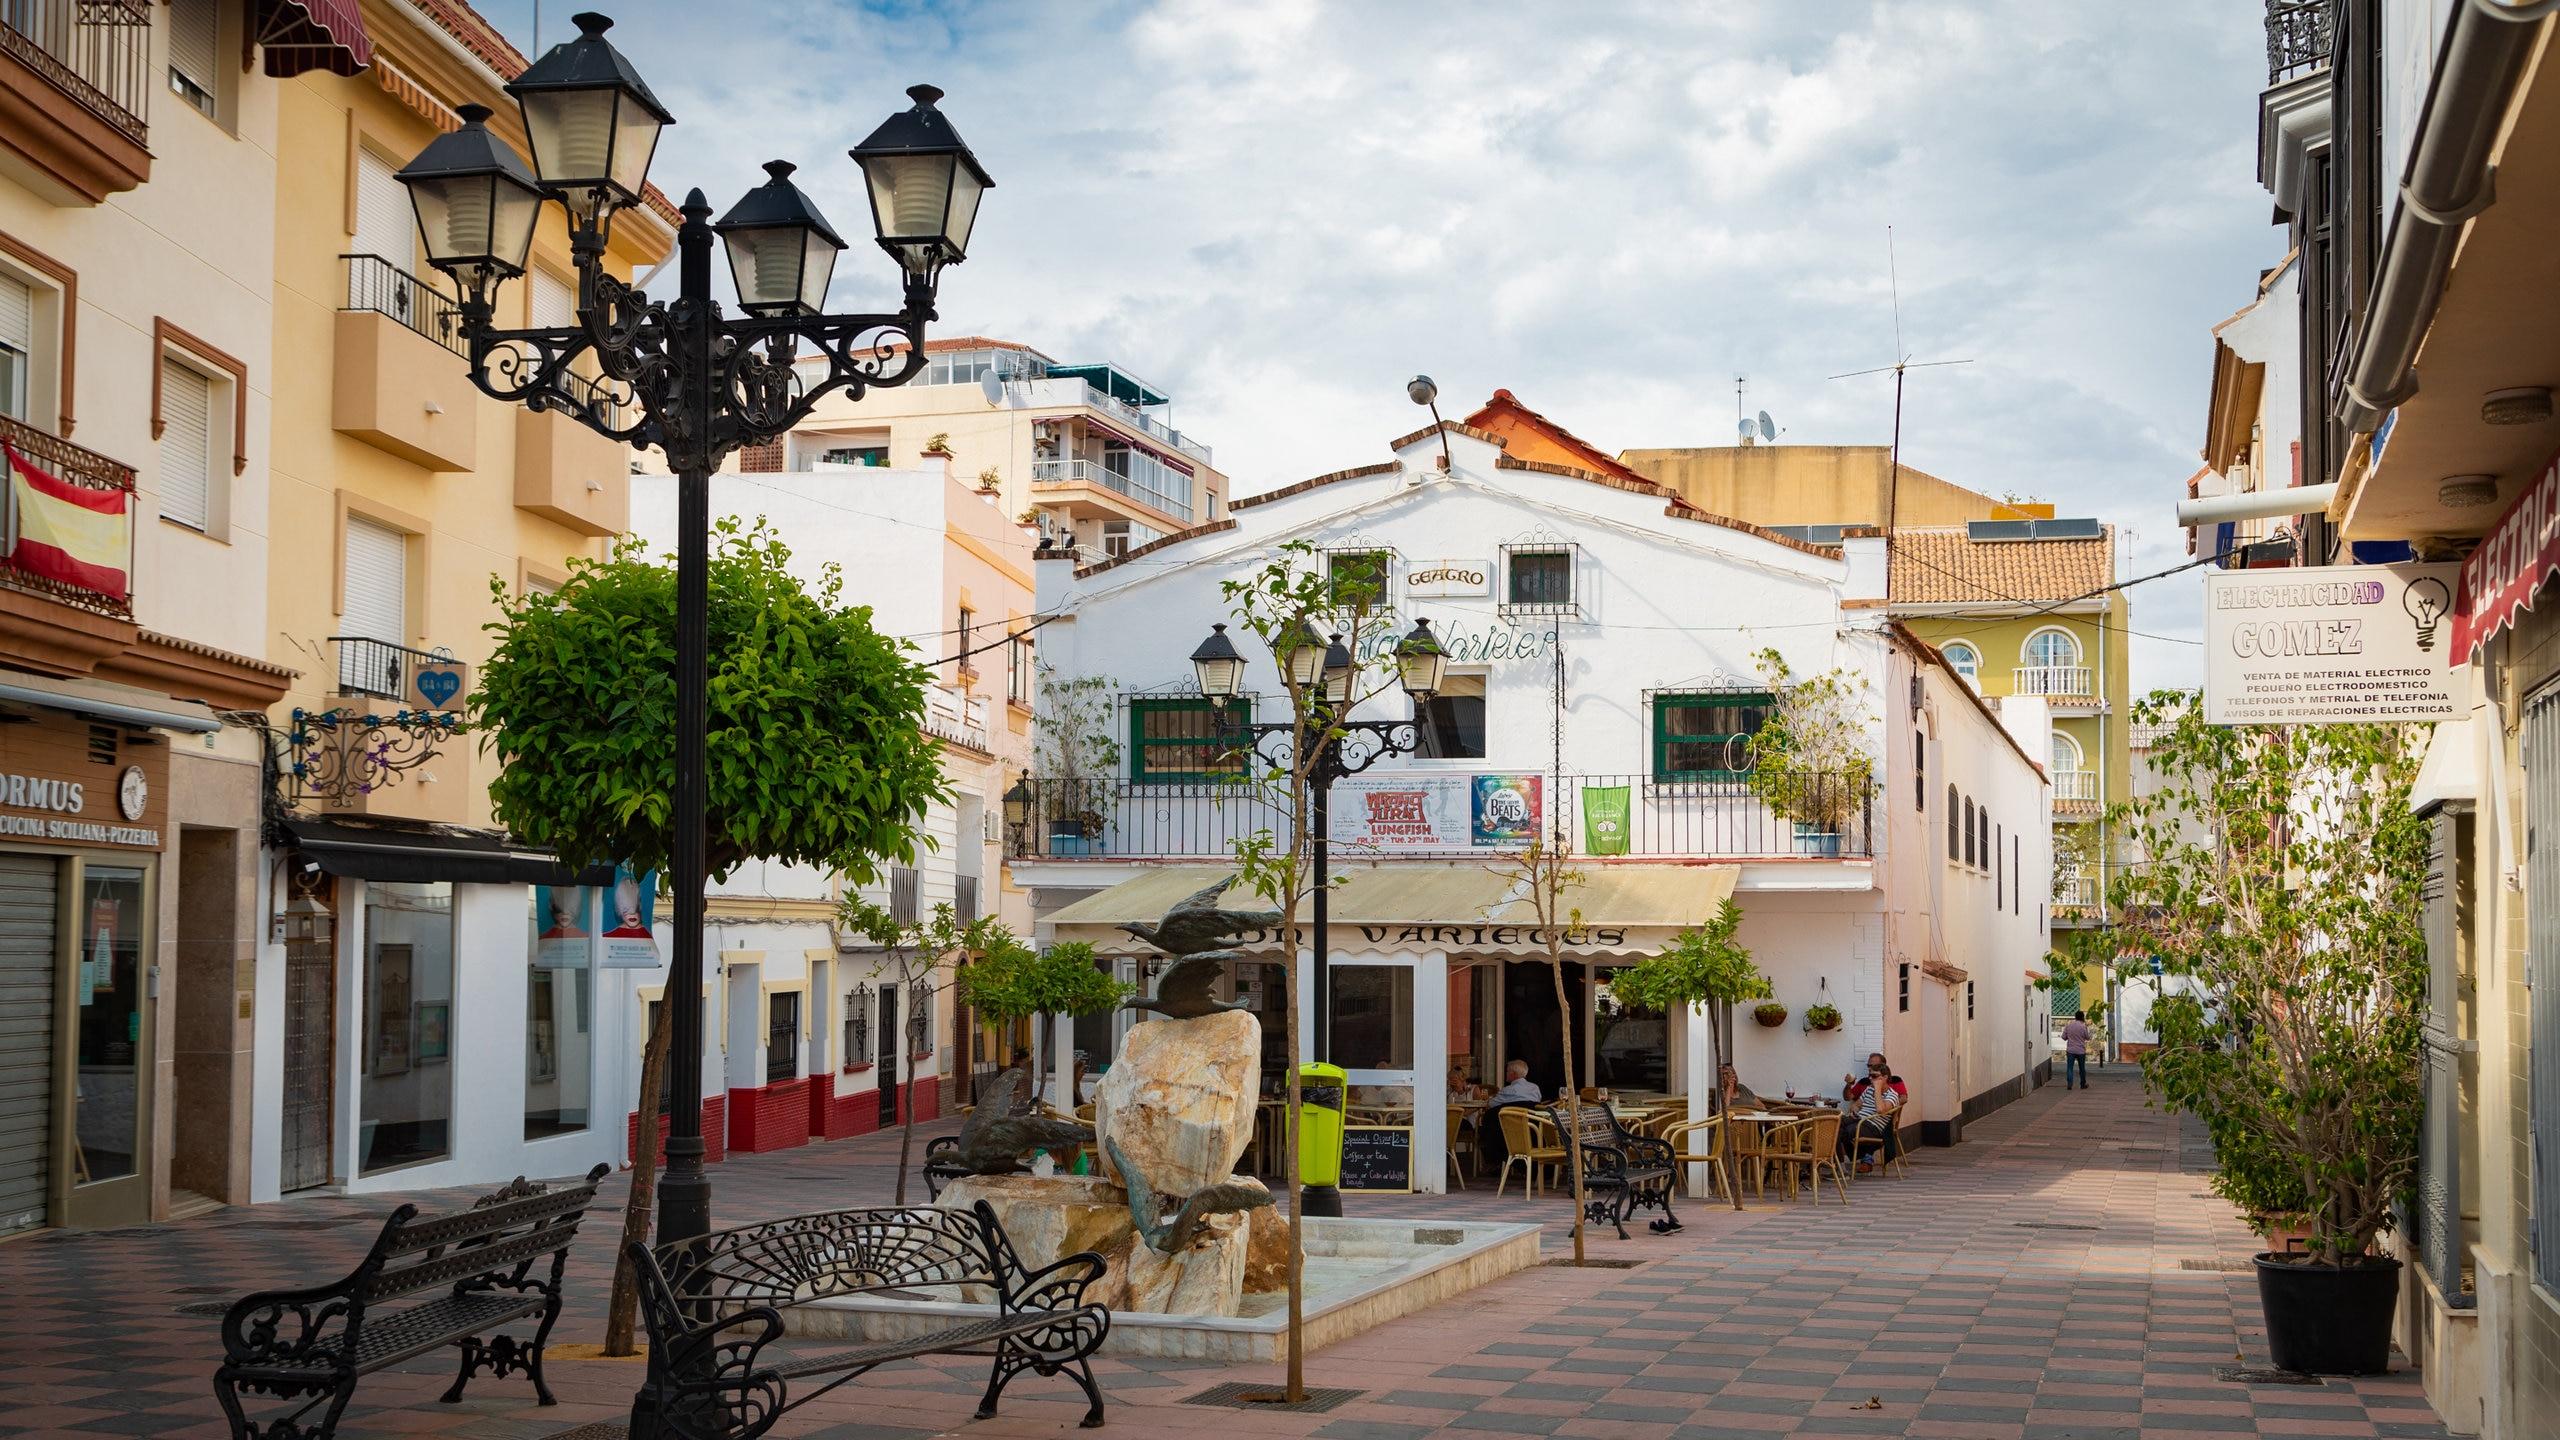 Geniet in dit historische theater, dat het enige Engelstalige theater in Zuid-Spanje is, een avond van de magische sfeer van een show.